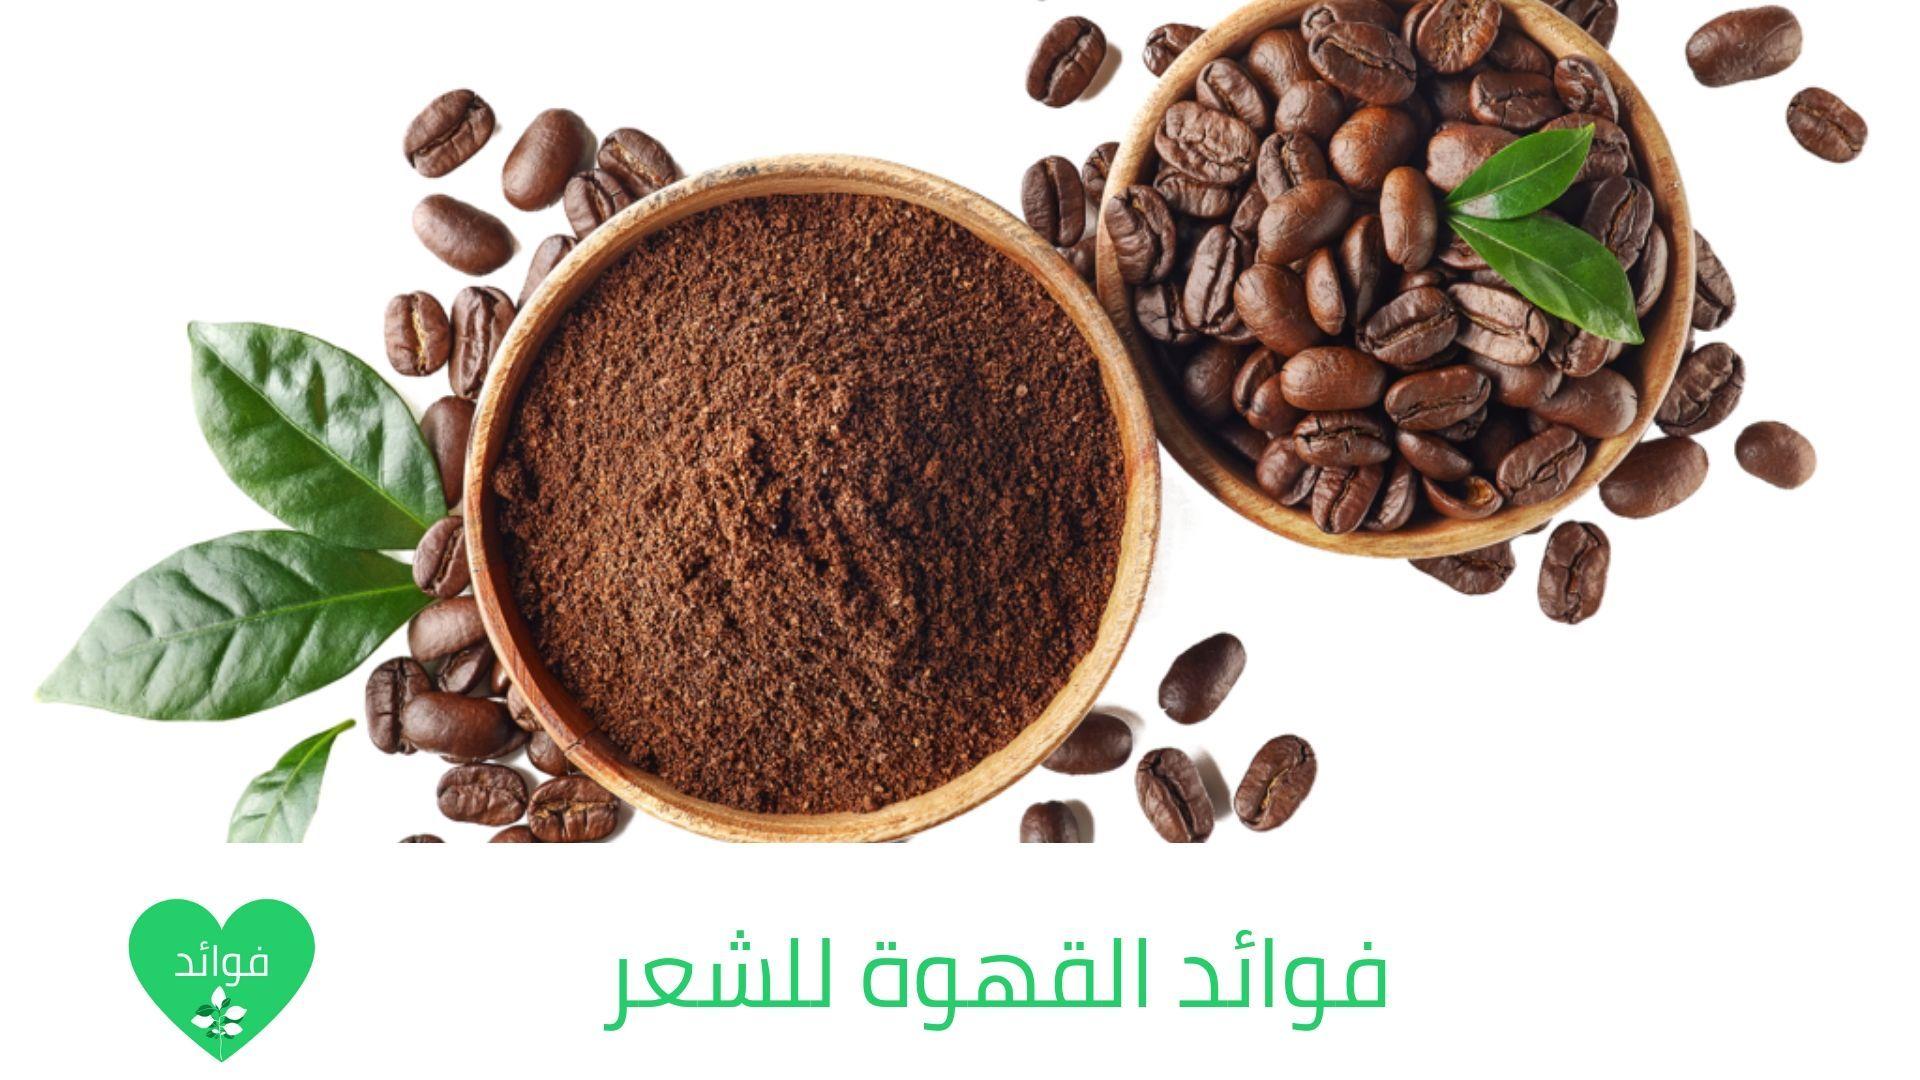 فوائد القهوة للشعر وأفضل ماسكات القهوة للحصول علي جمال شعرك Black Peppercorn Food Peppercorn